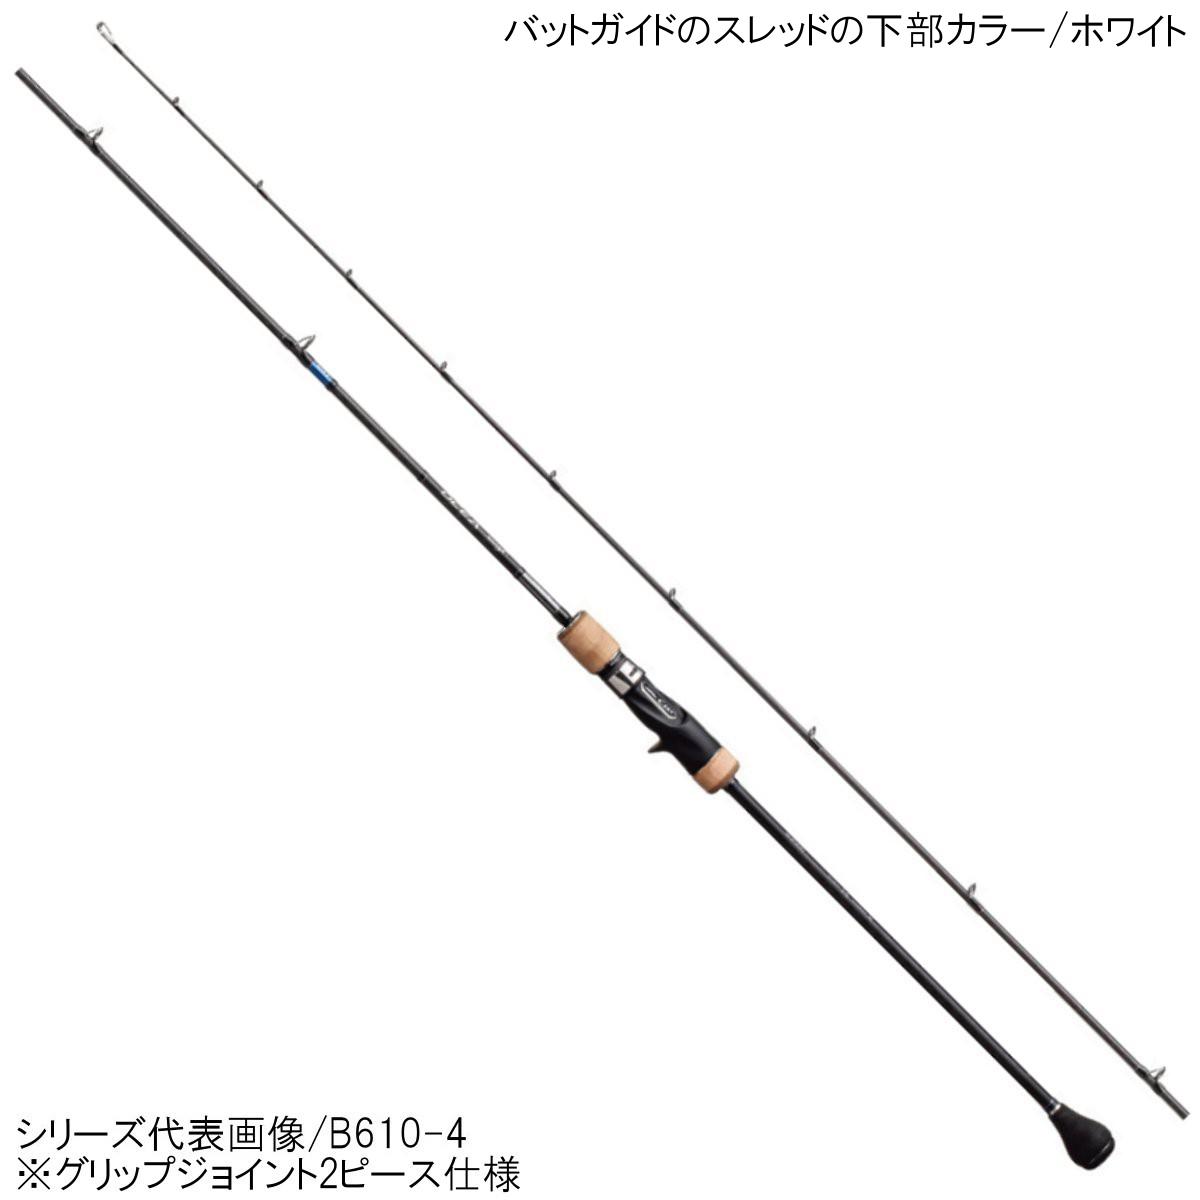 シマノ オシアジガー ∞(インフィニティ) モーティブ B610-0【大型商品】